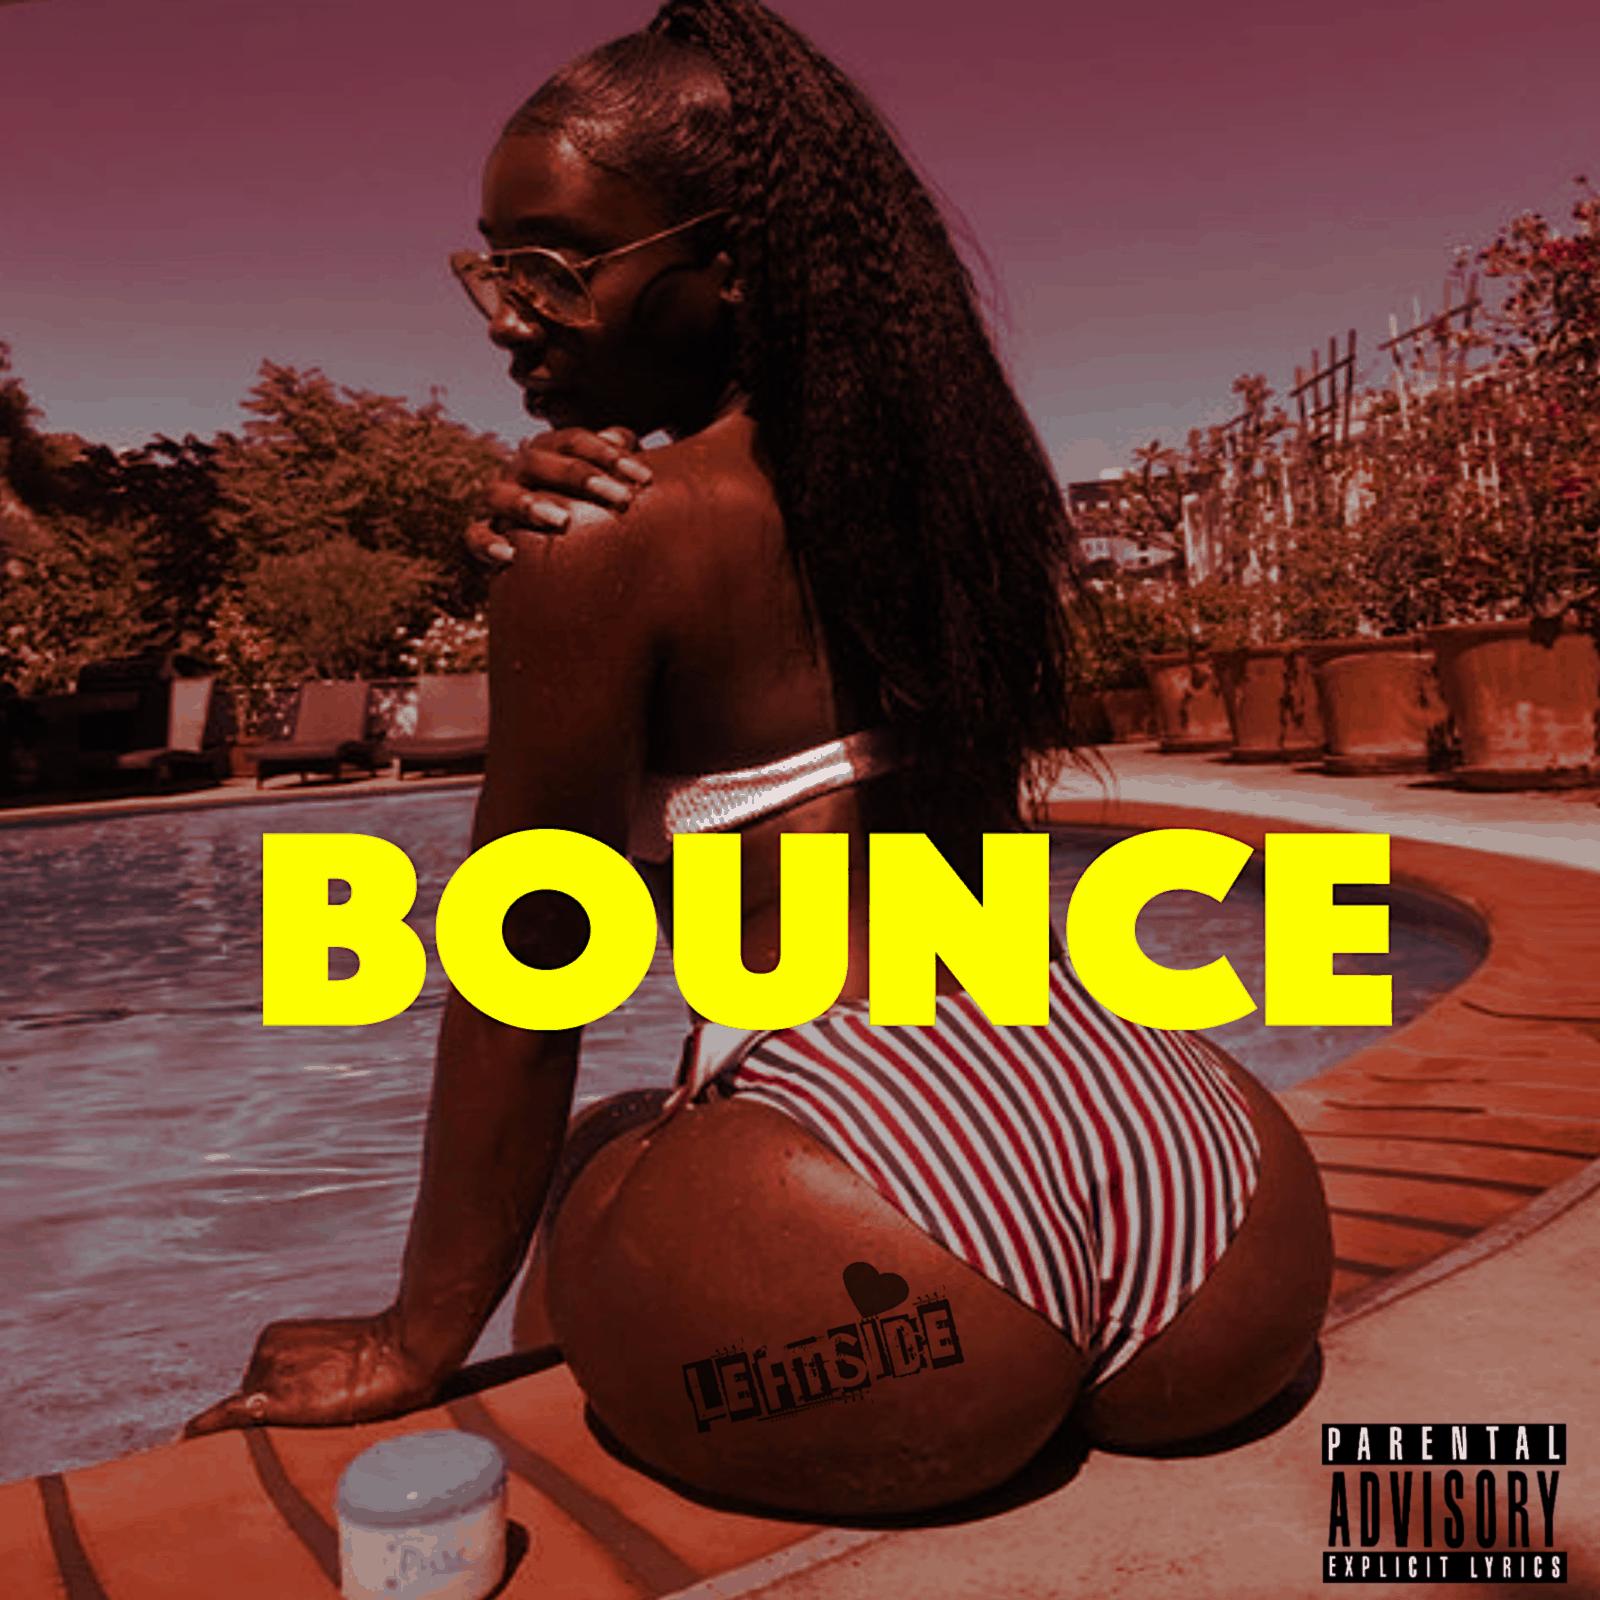 Leftside - Bounce